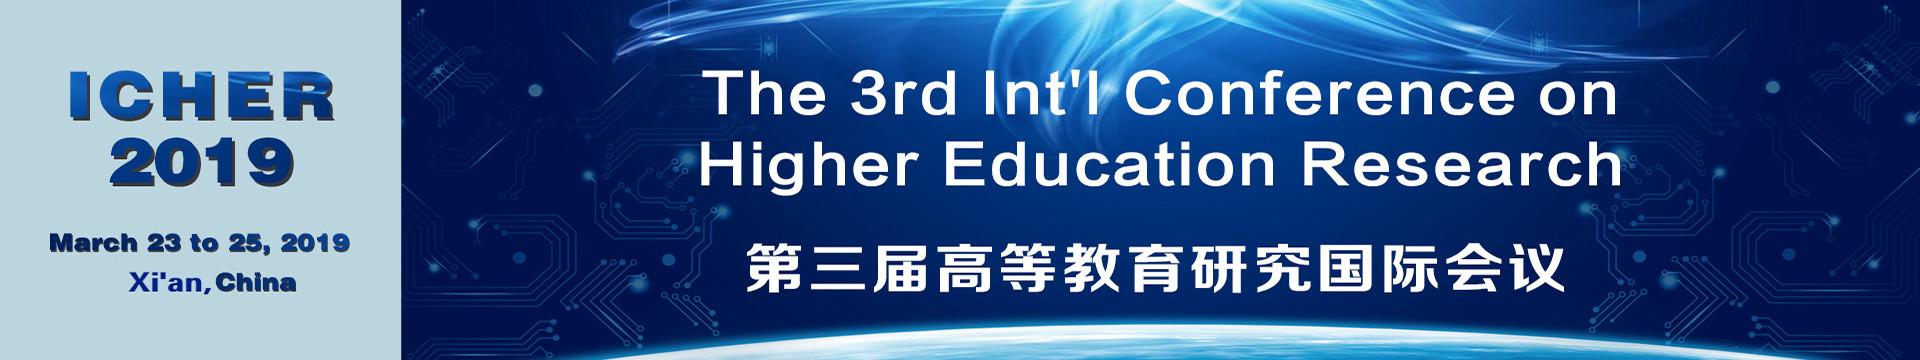 第三届高等教育研究国际会议 (ICHER 2019)